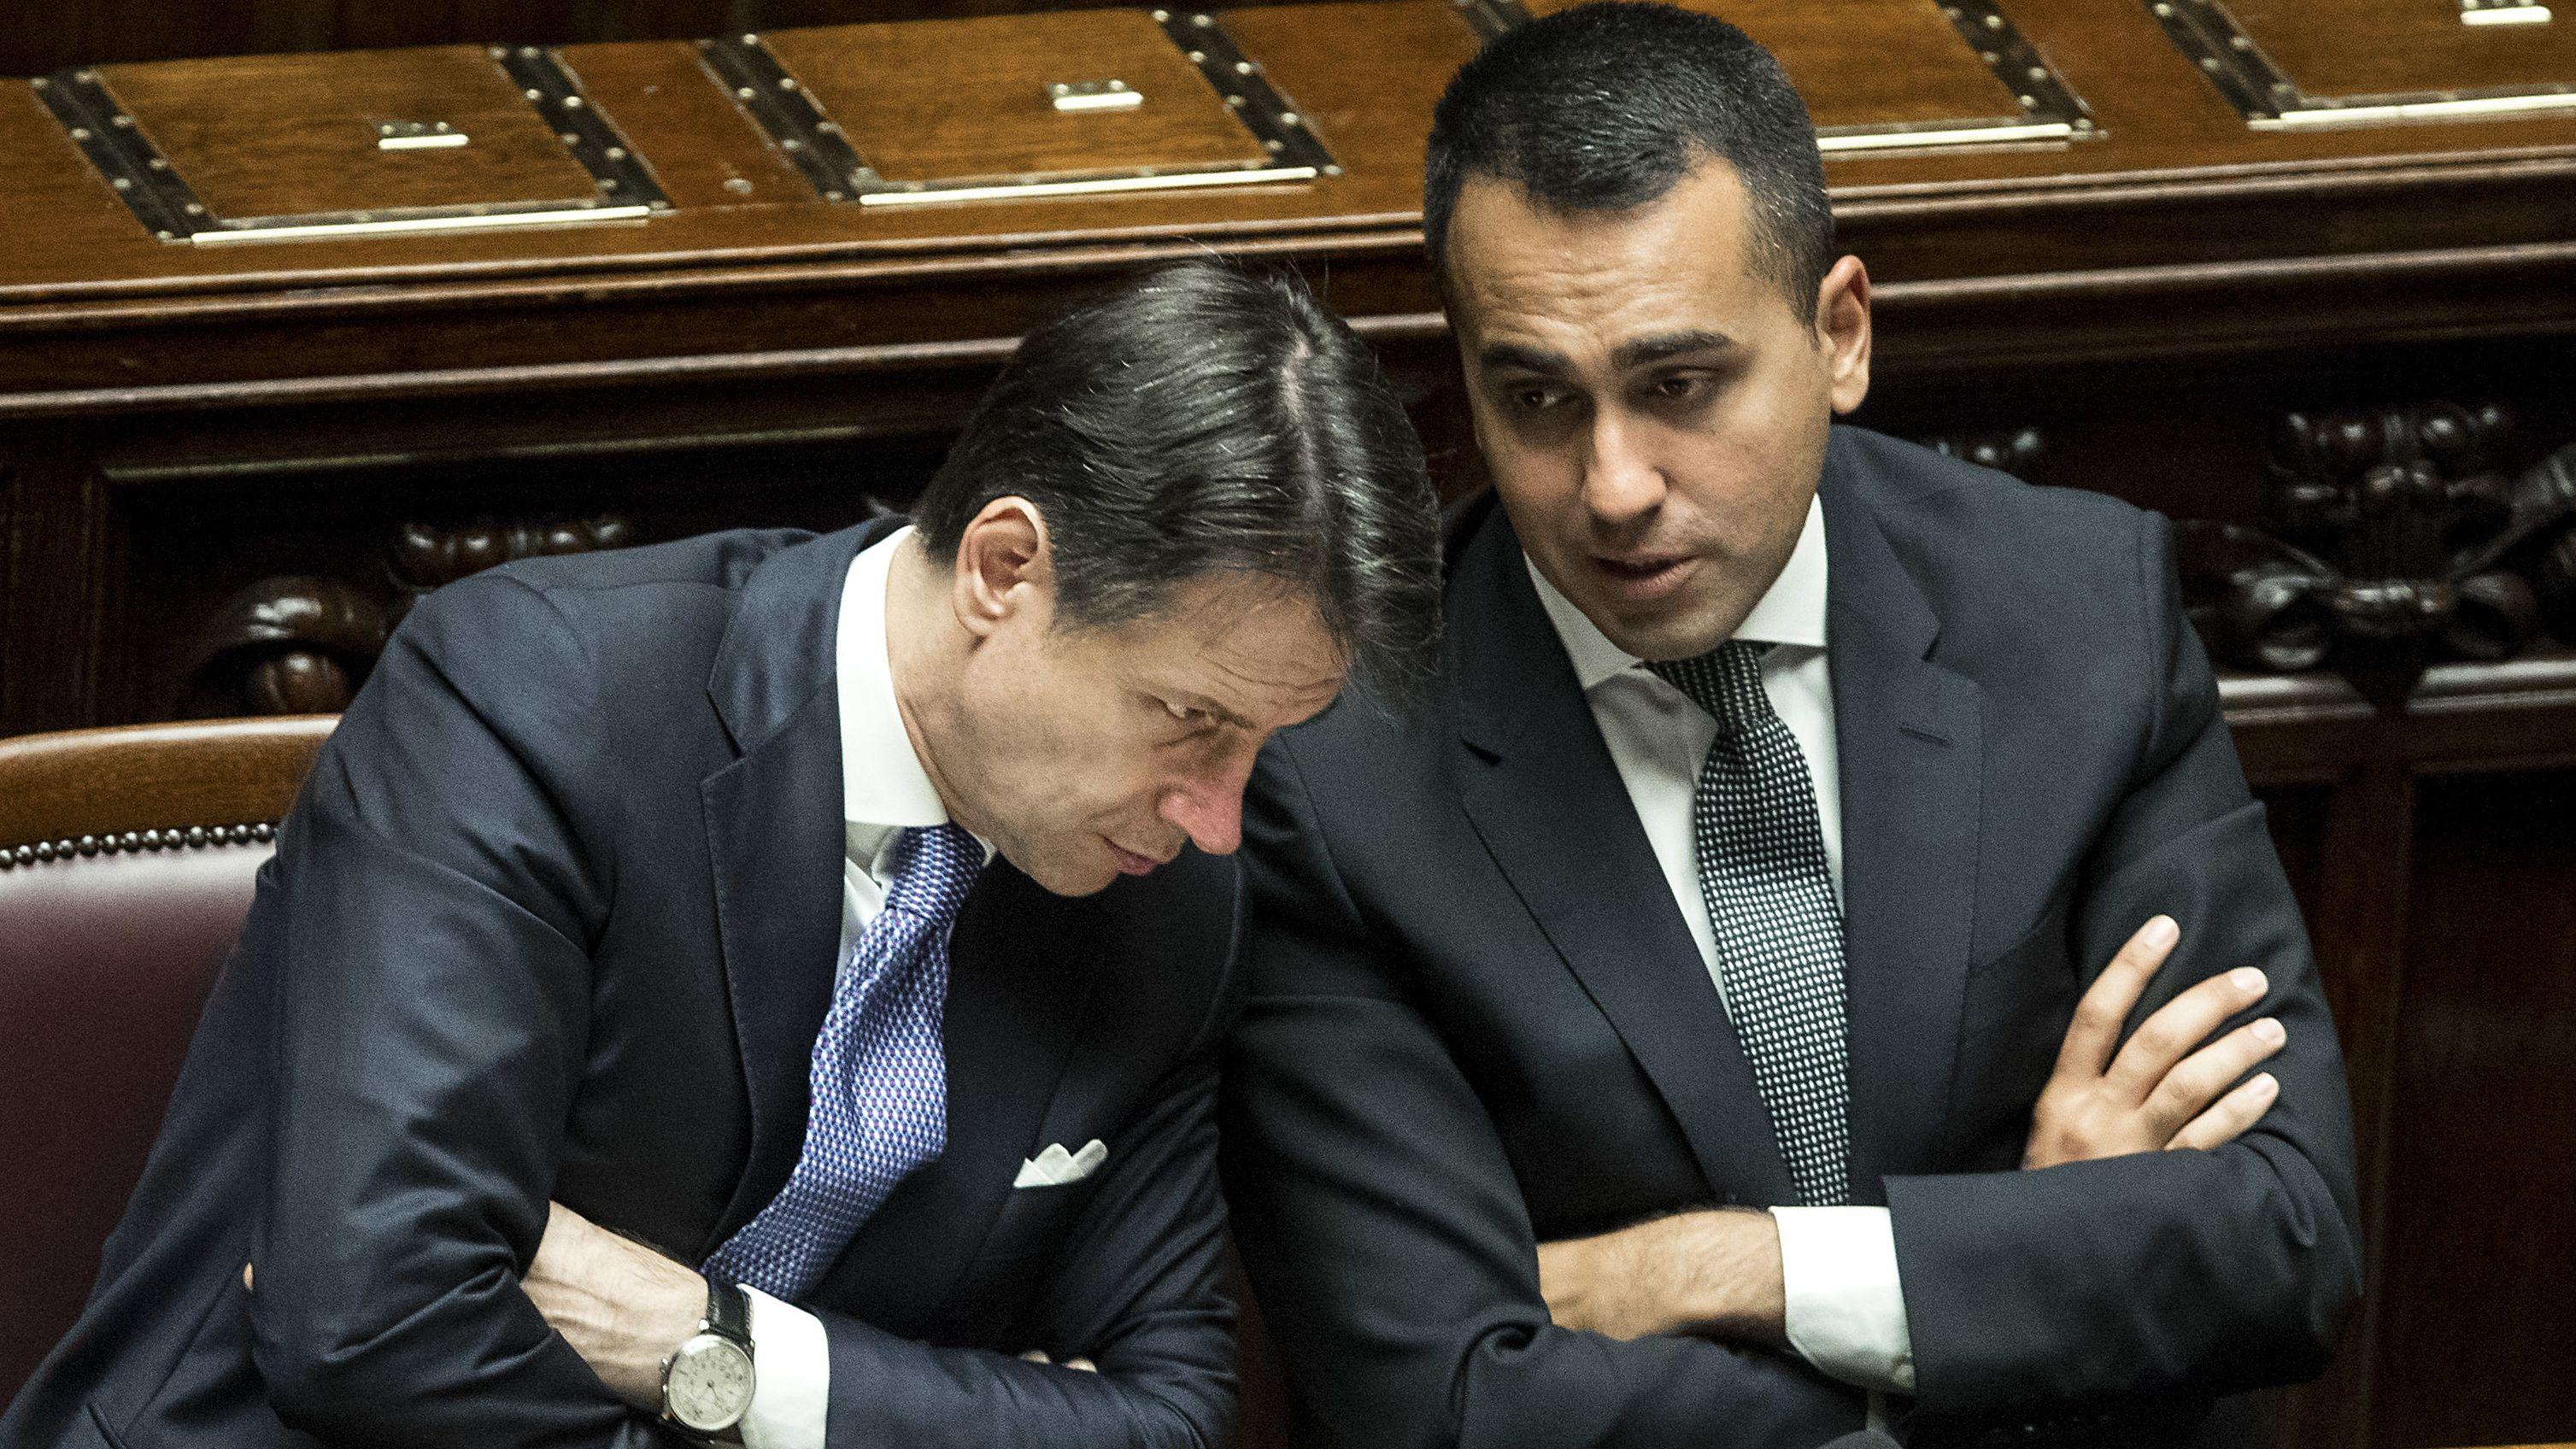 Giuseppe Conte und Luigi di Maio in der Abgeordnetenkammer.